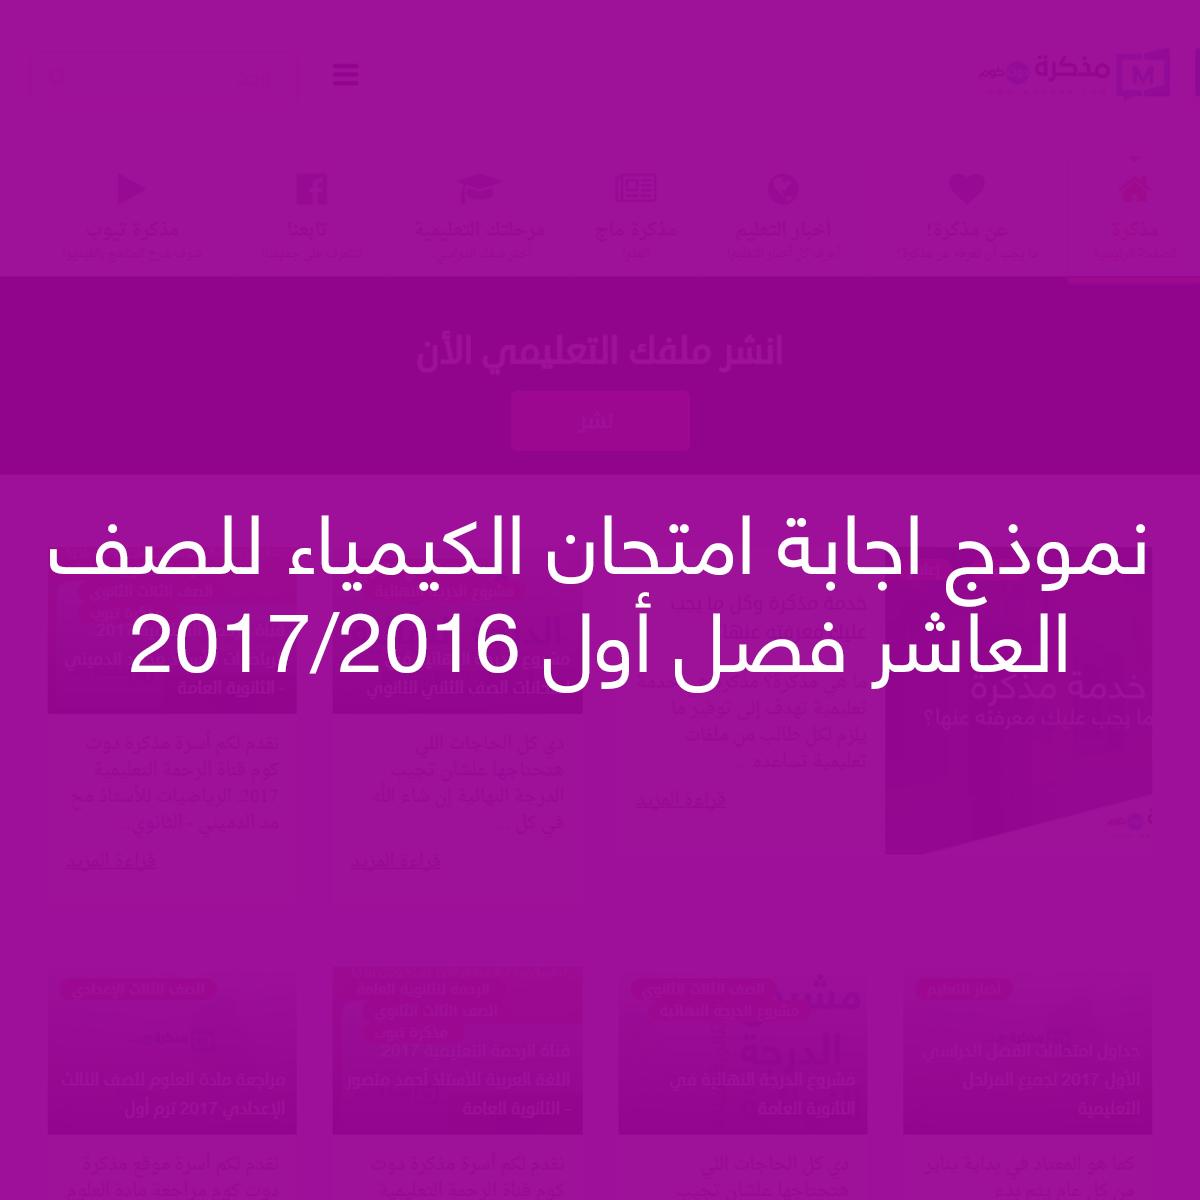 نموذج اجابة امتحان الكيمياء للصف العاشر فصل أول 2016/2017